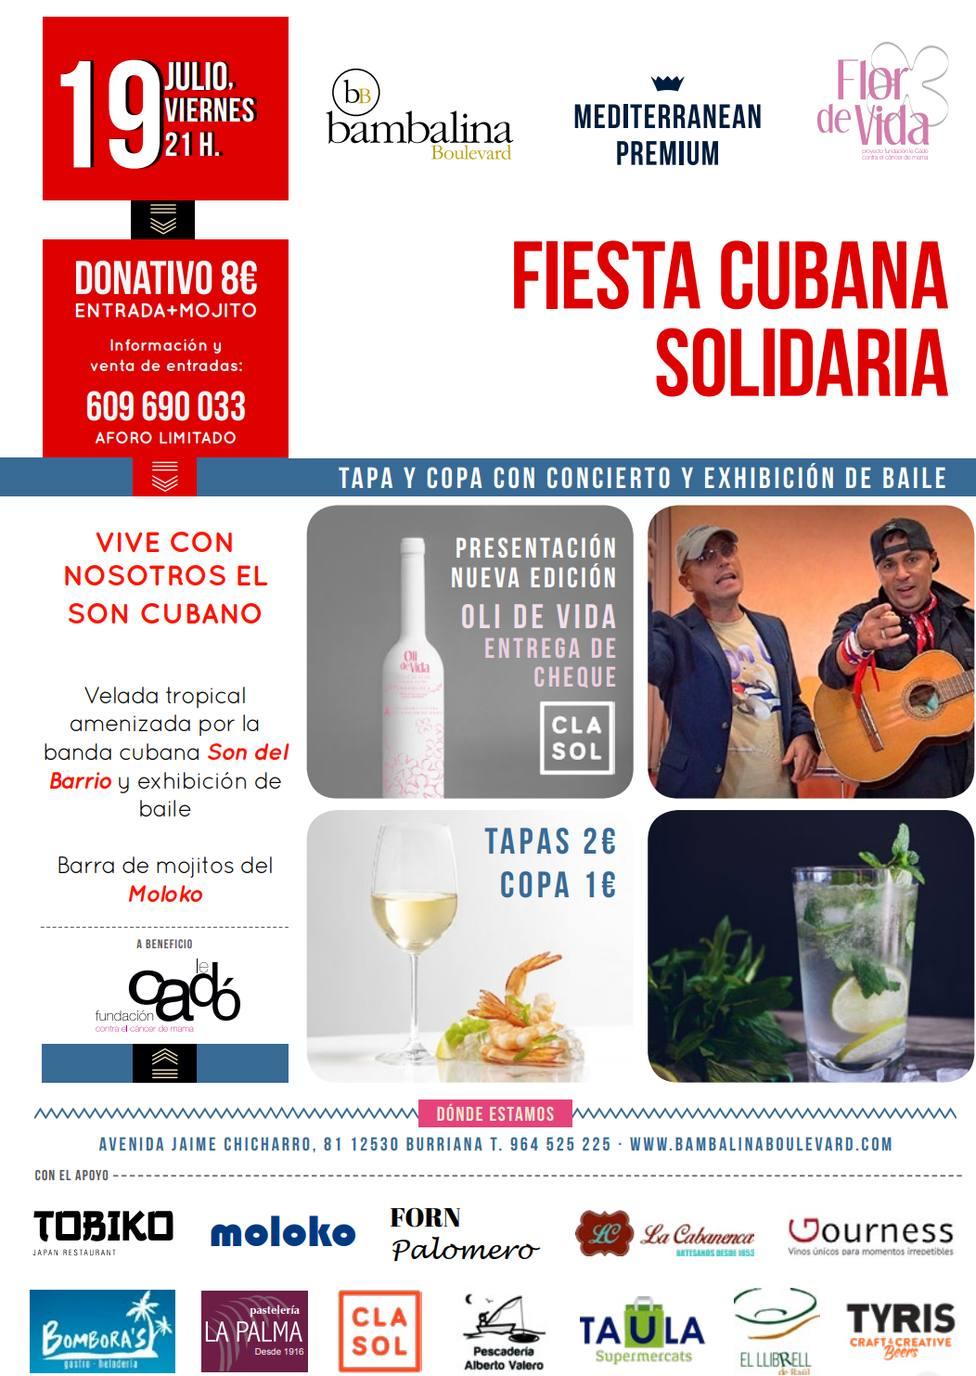 Fiesta Cubana Solidaria